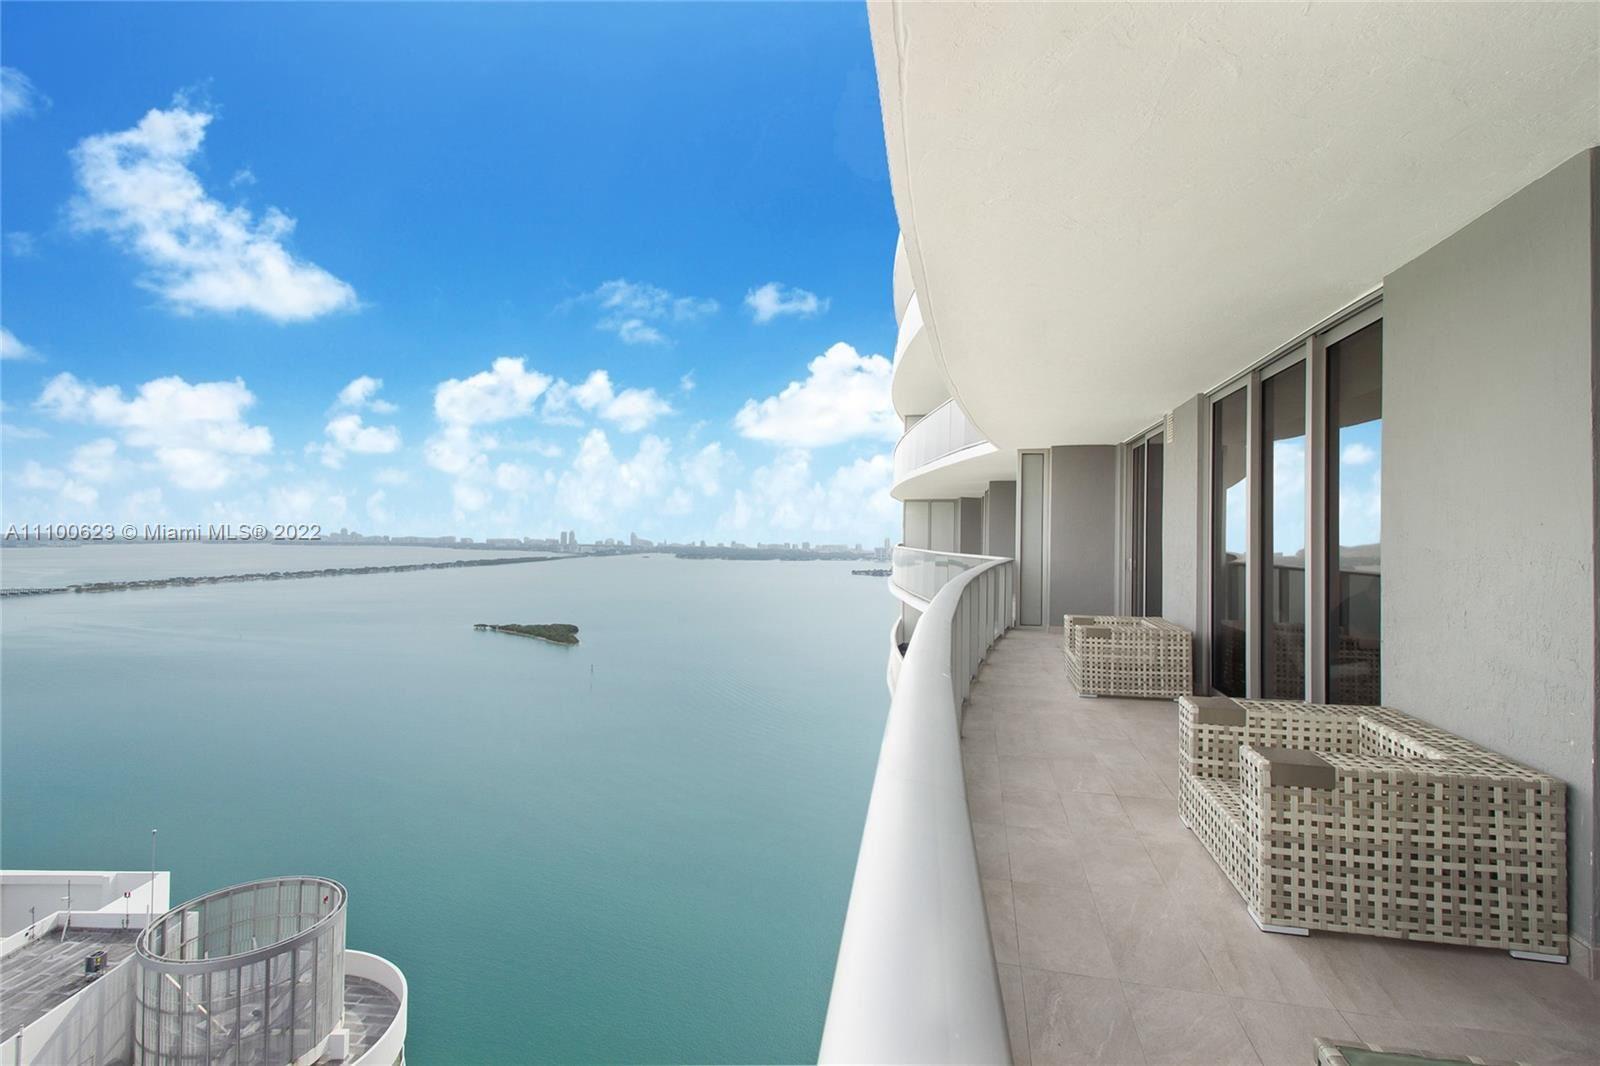 488 NE 18th St #5009, Miami, FL 33132 - #: A11100623